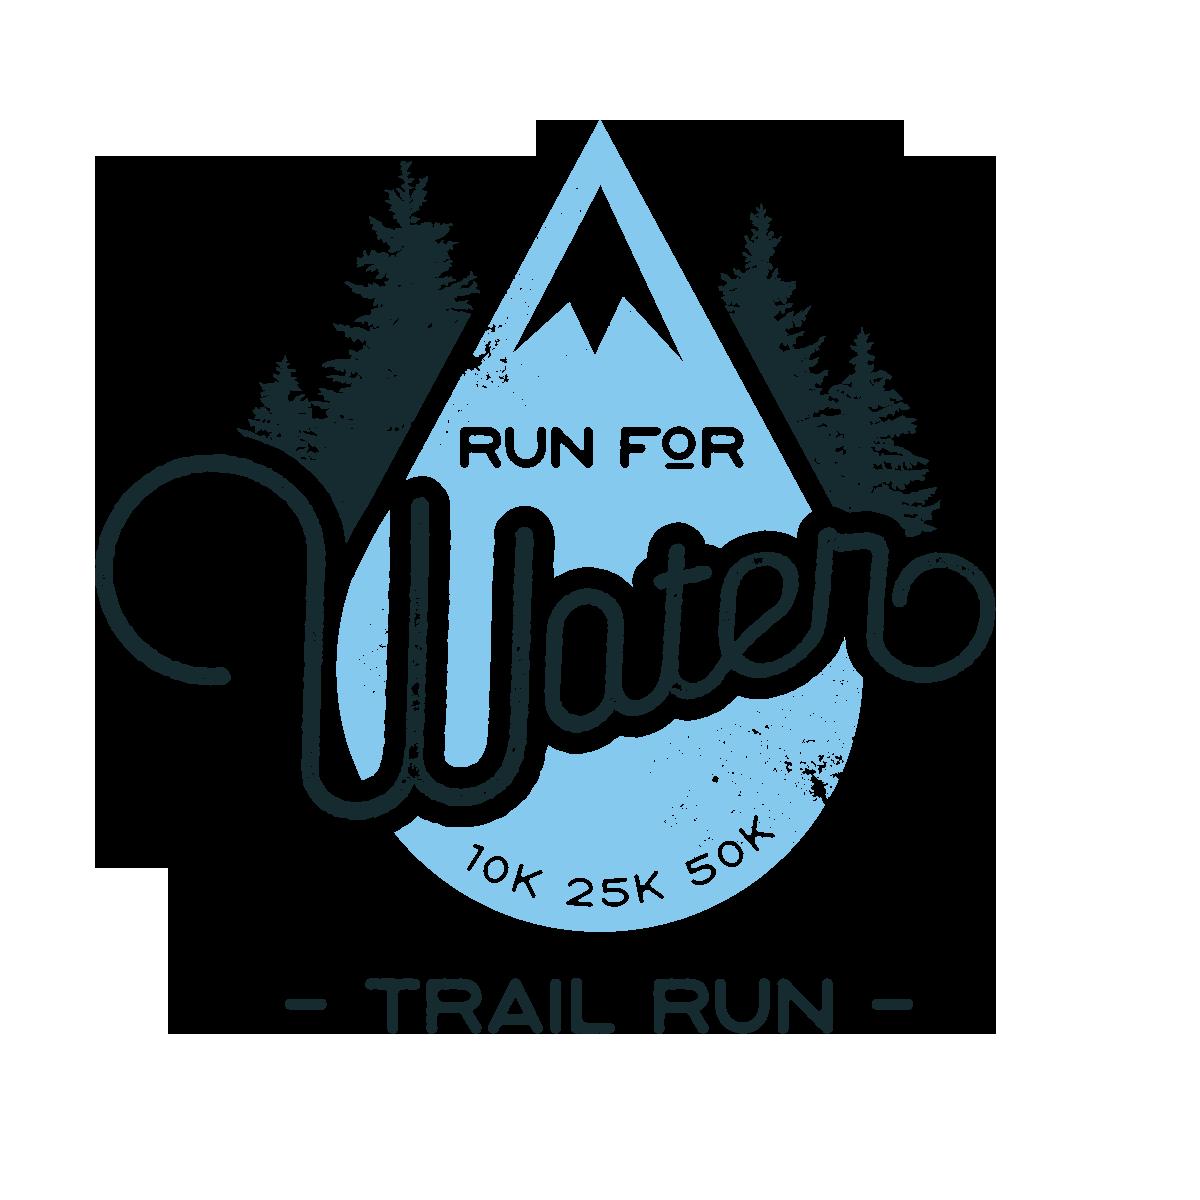 Run for Water Trail Run